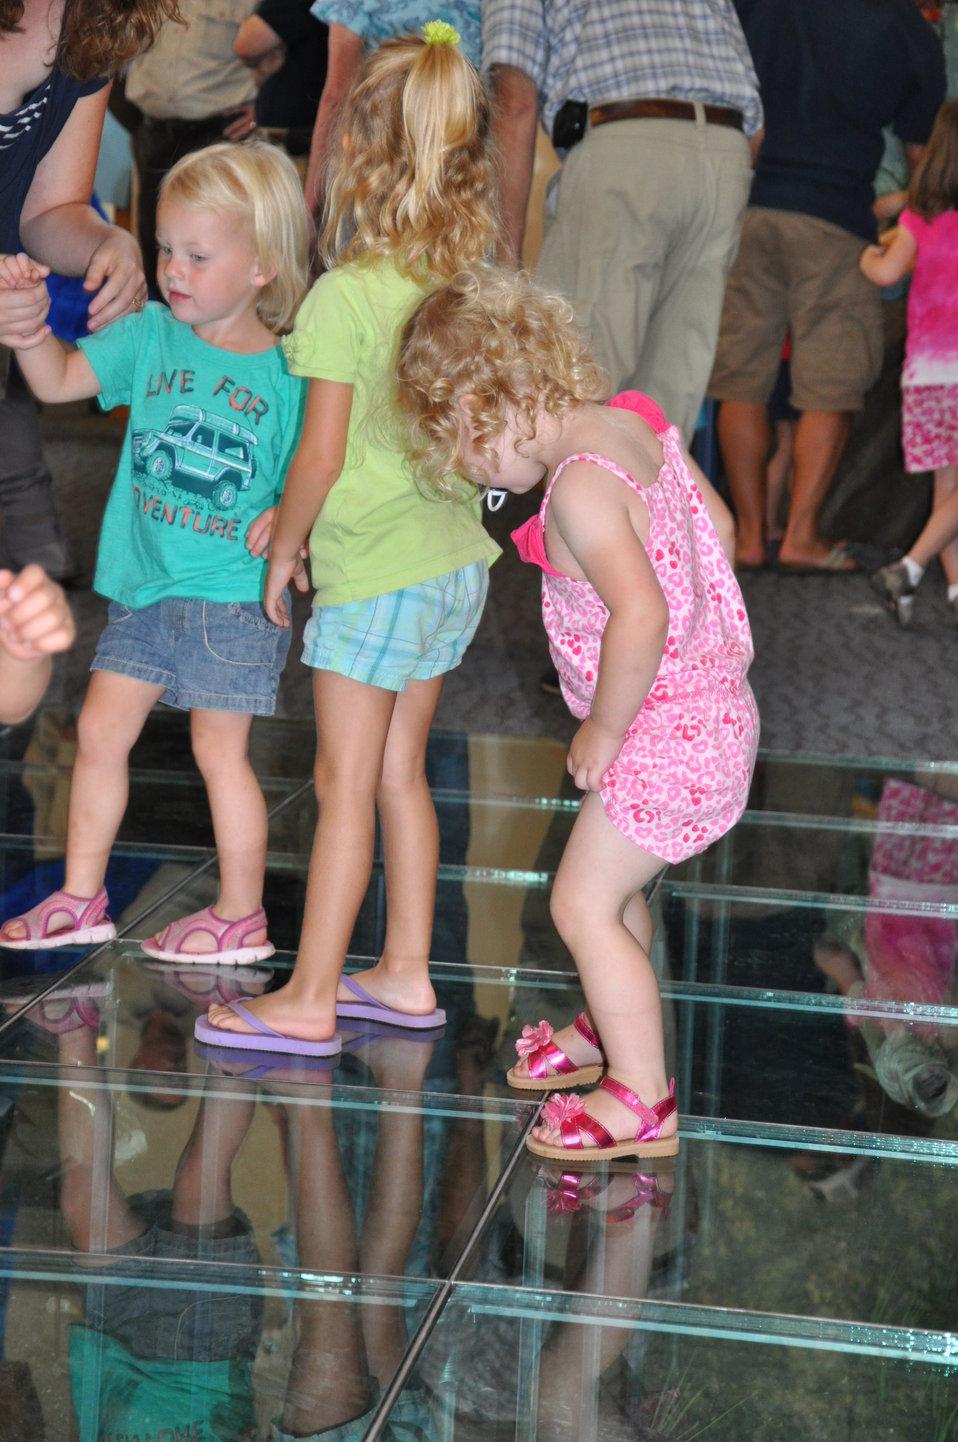 Looking at exhibit beneath glass floor